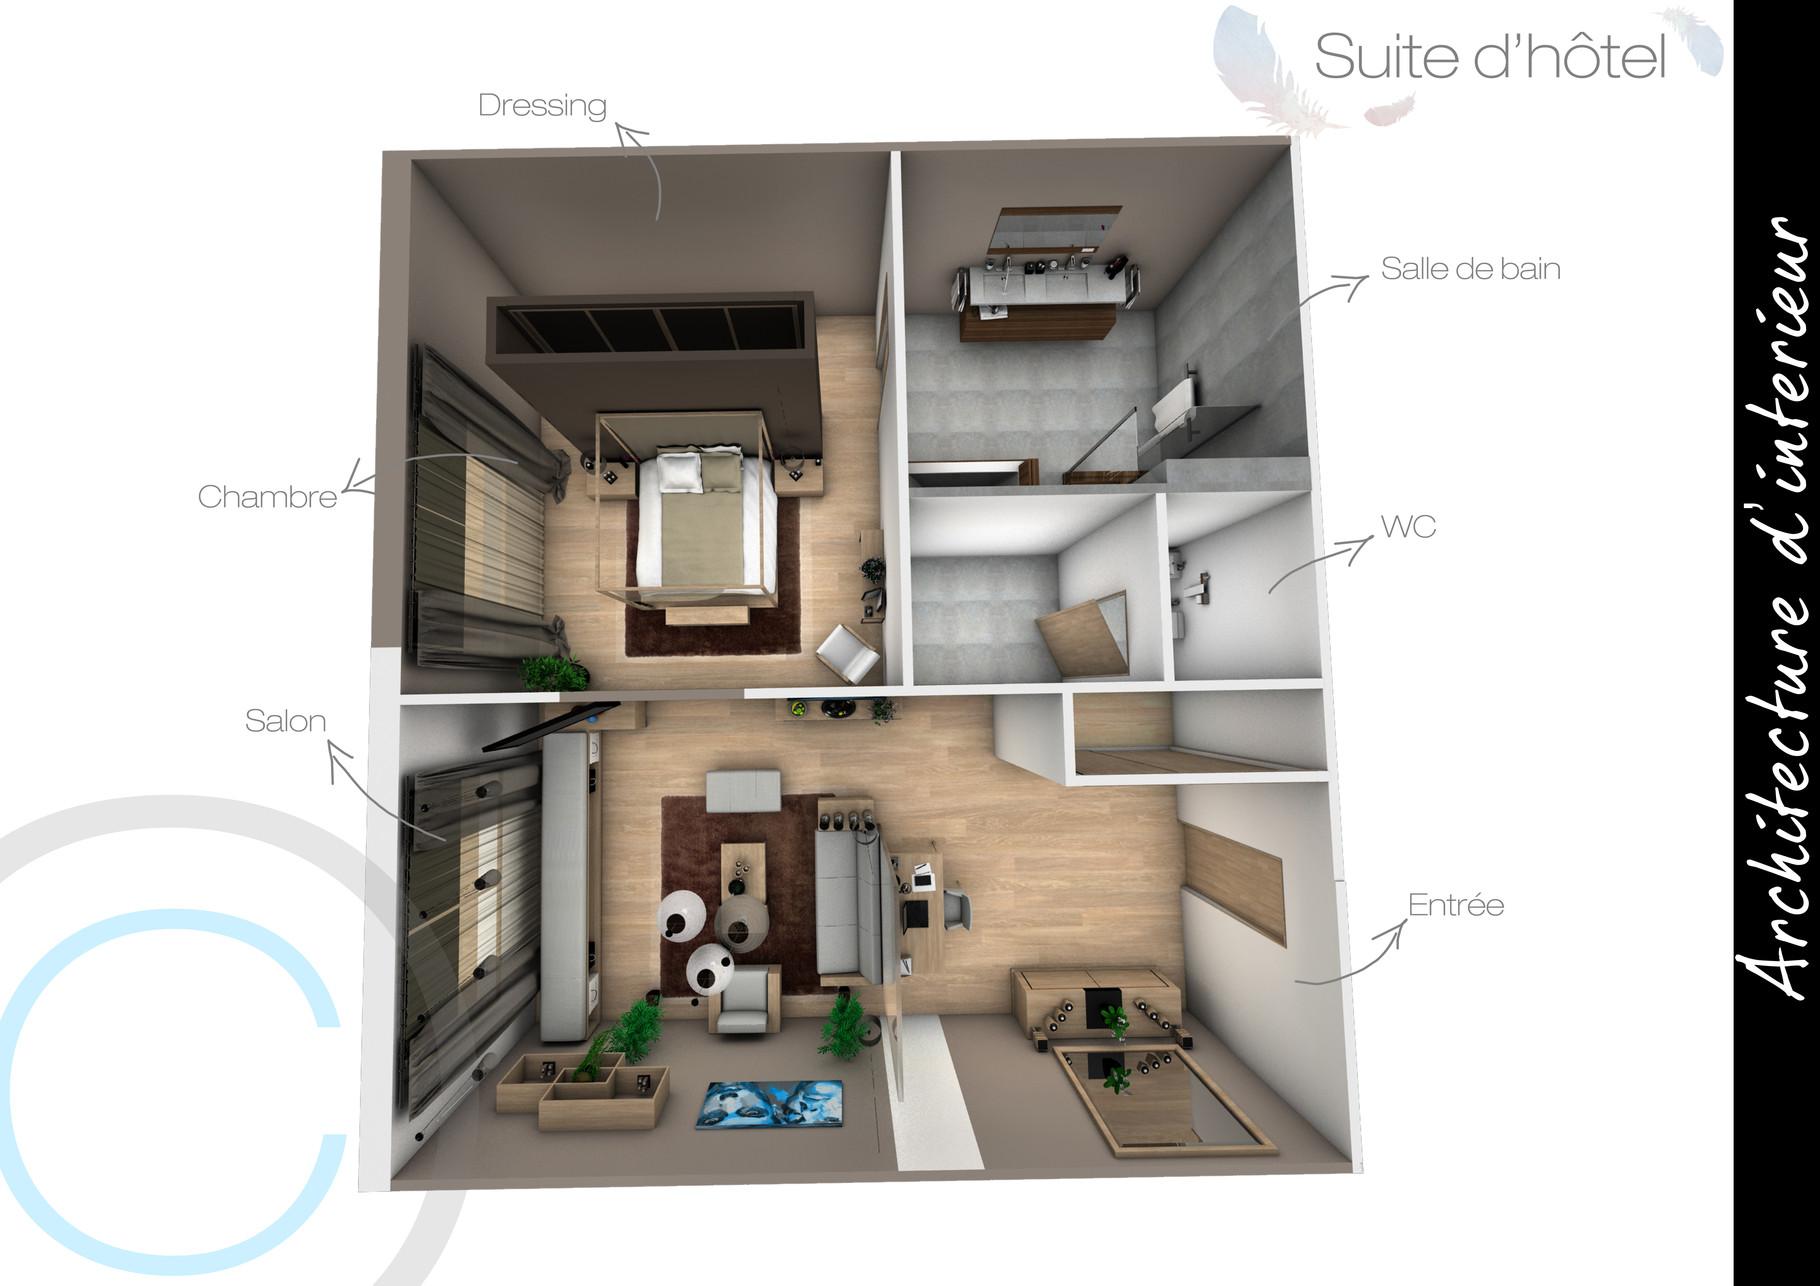 architecte interieur pas cher elegant rochefort avec best maison architecte interieur photos. Black Bedroom Furniture Sets. Home Design Ideas